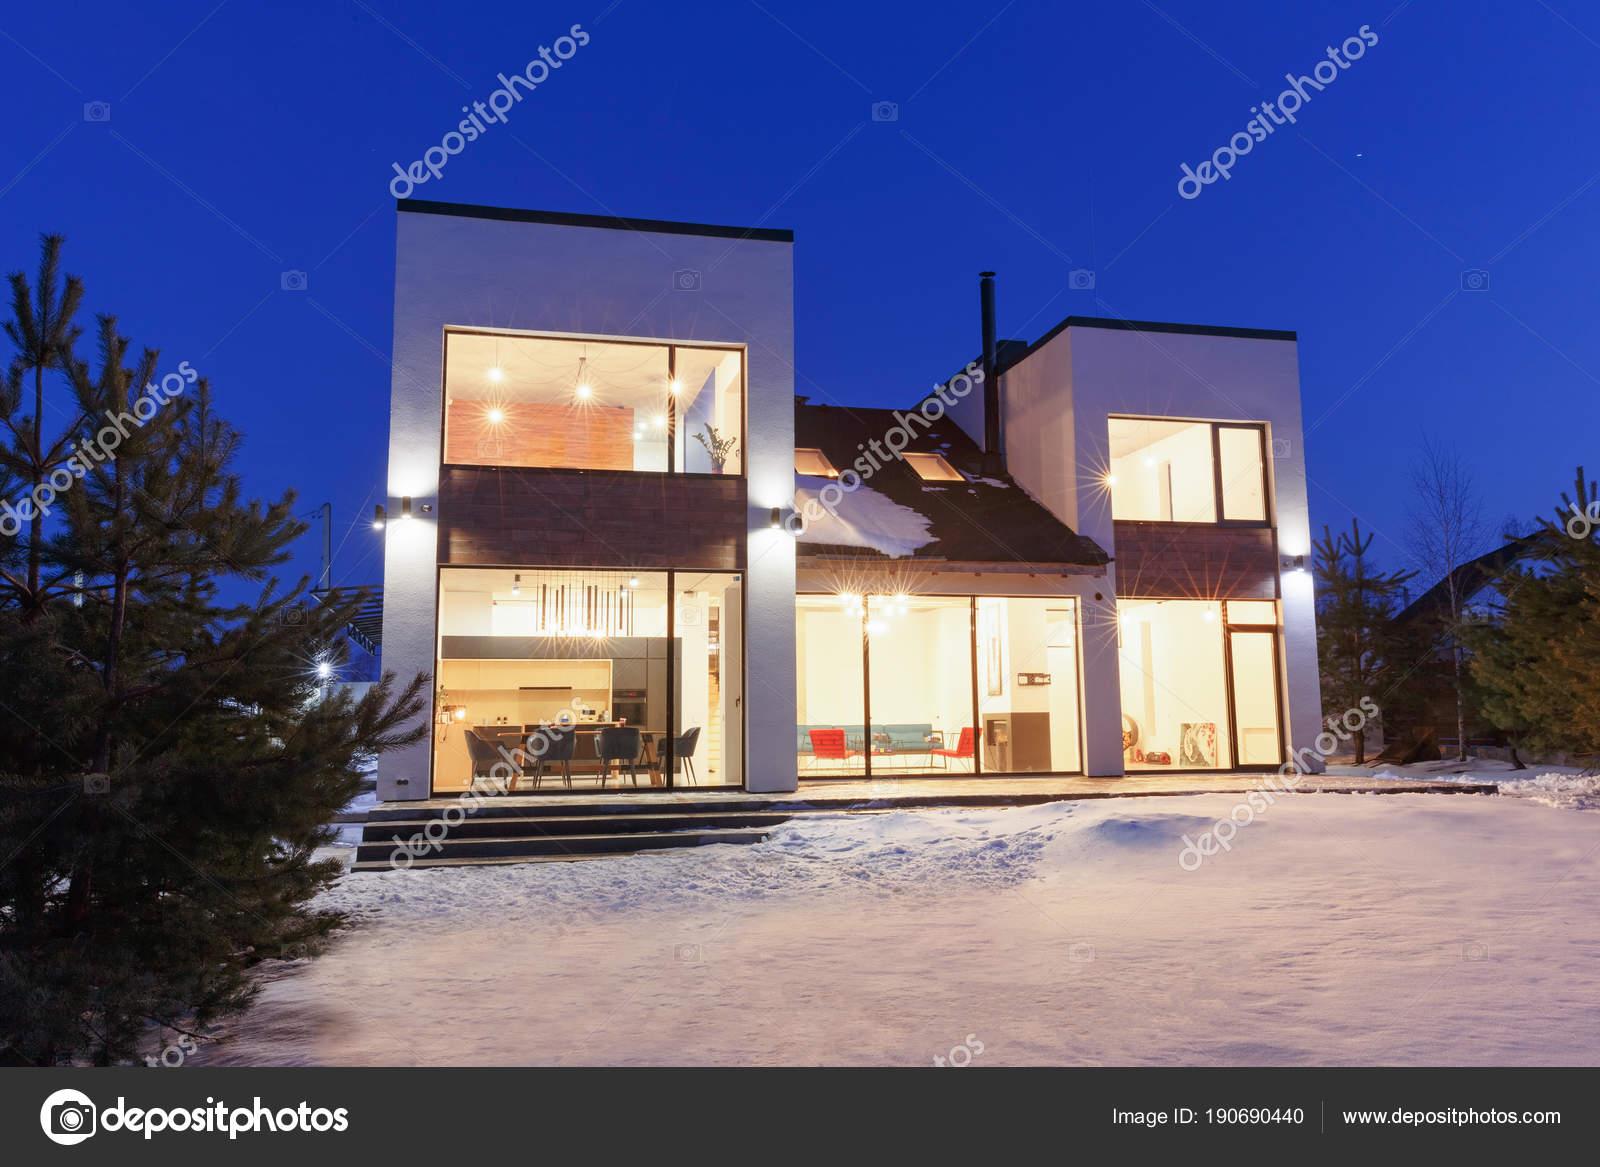 privates Haus mit Panorama-Fenstern in einem modernen Stil auf dem ...